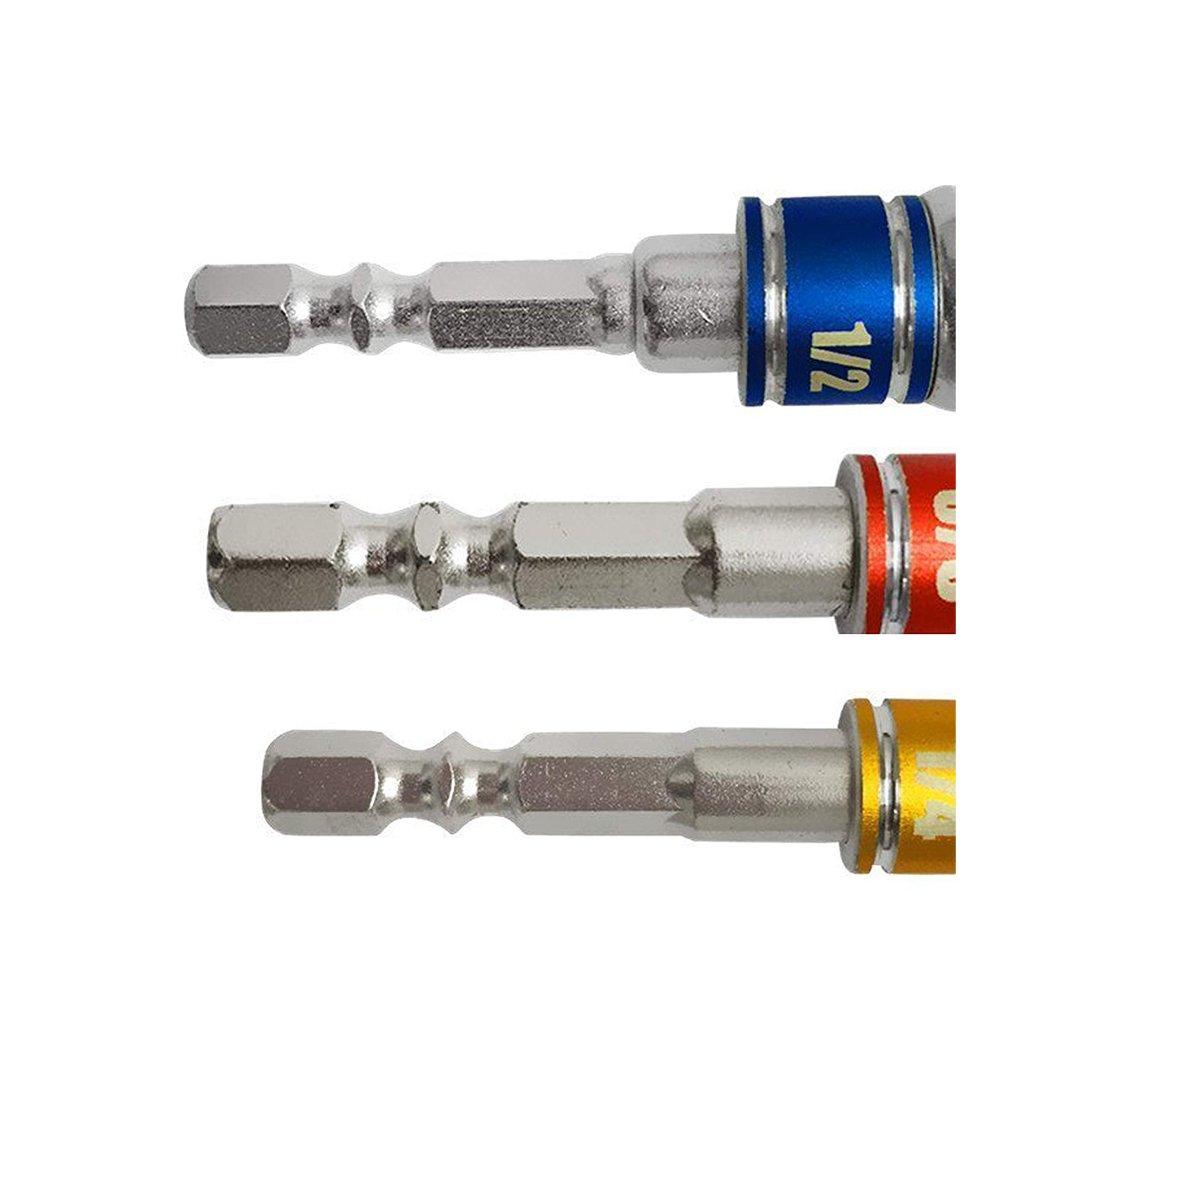 kercel.com Socket Adapter Hex Shank Drill 1/4 Drive Socket Adapter ...